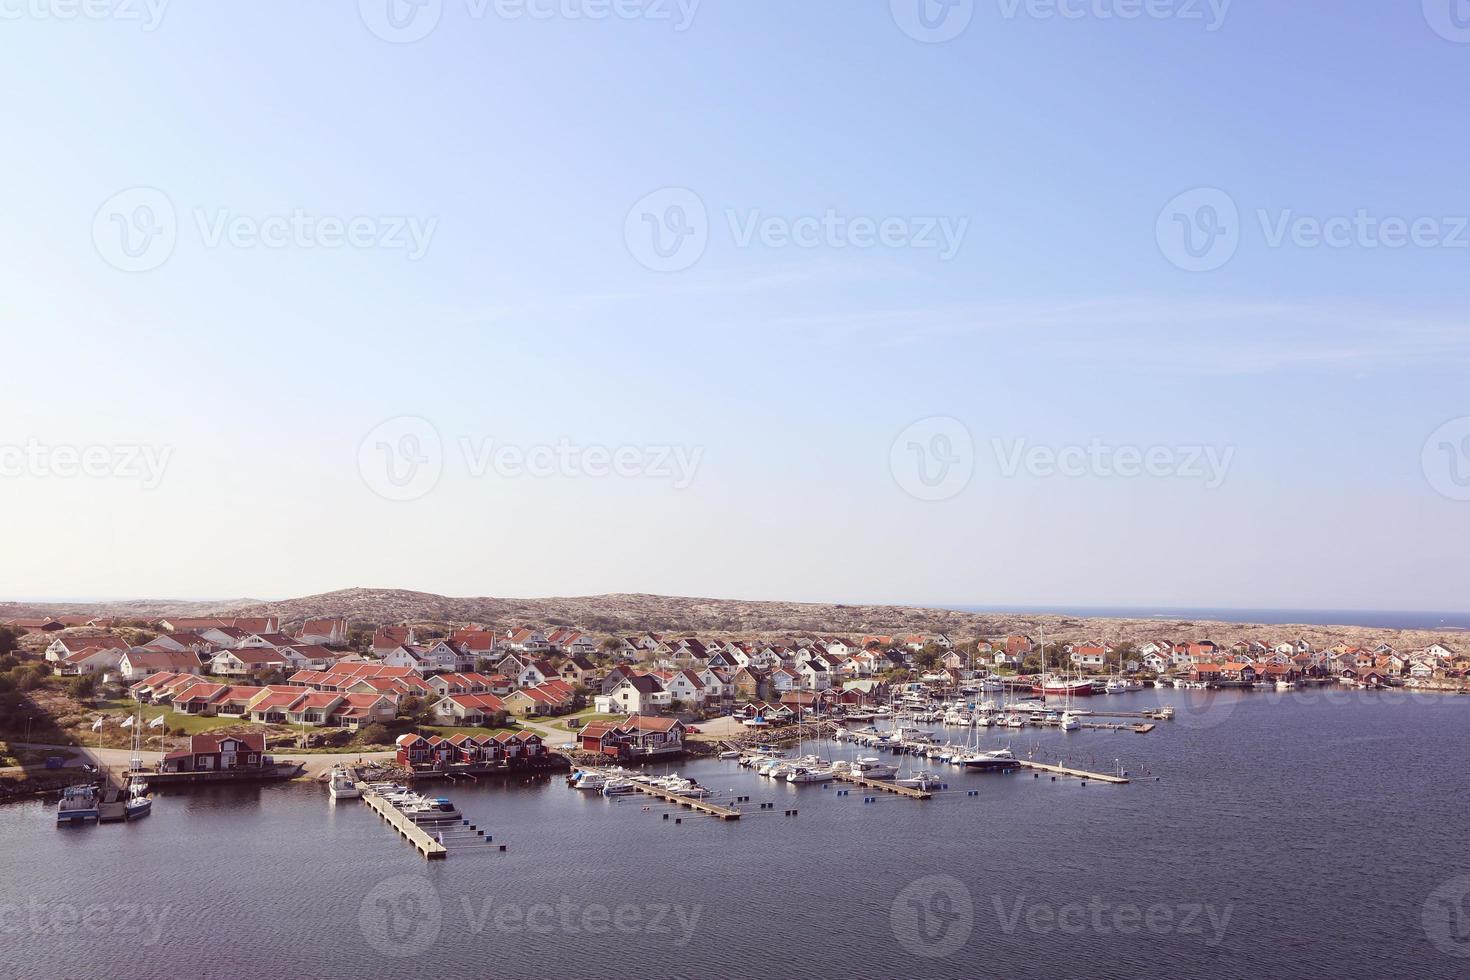 paisaje de casas y barcos. foto